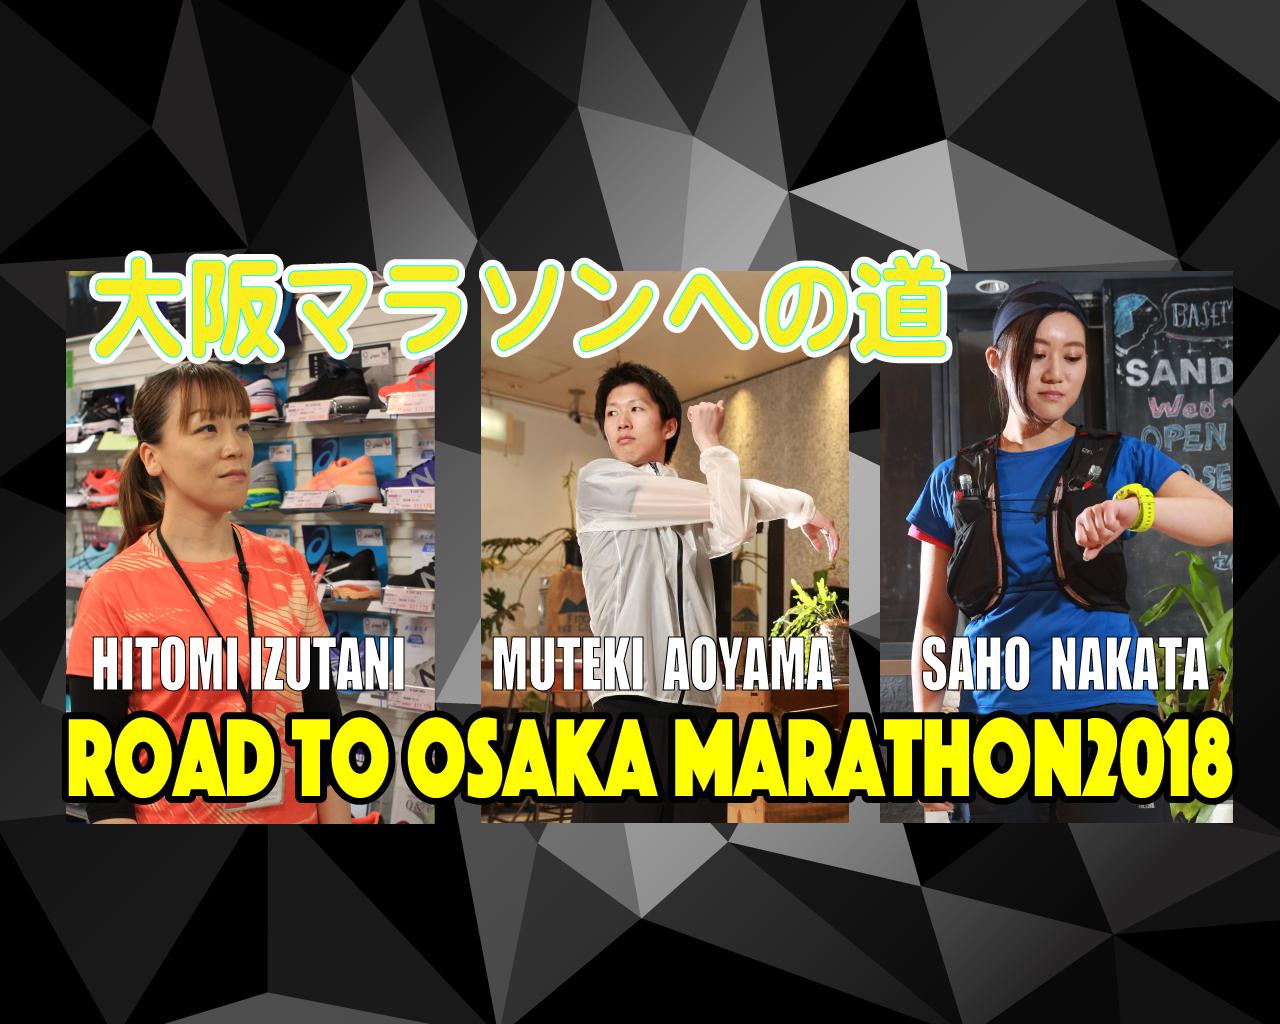 「実録」スポタカスタッフ大阪マラソンへの道